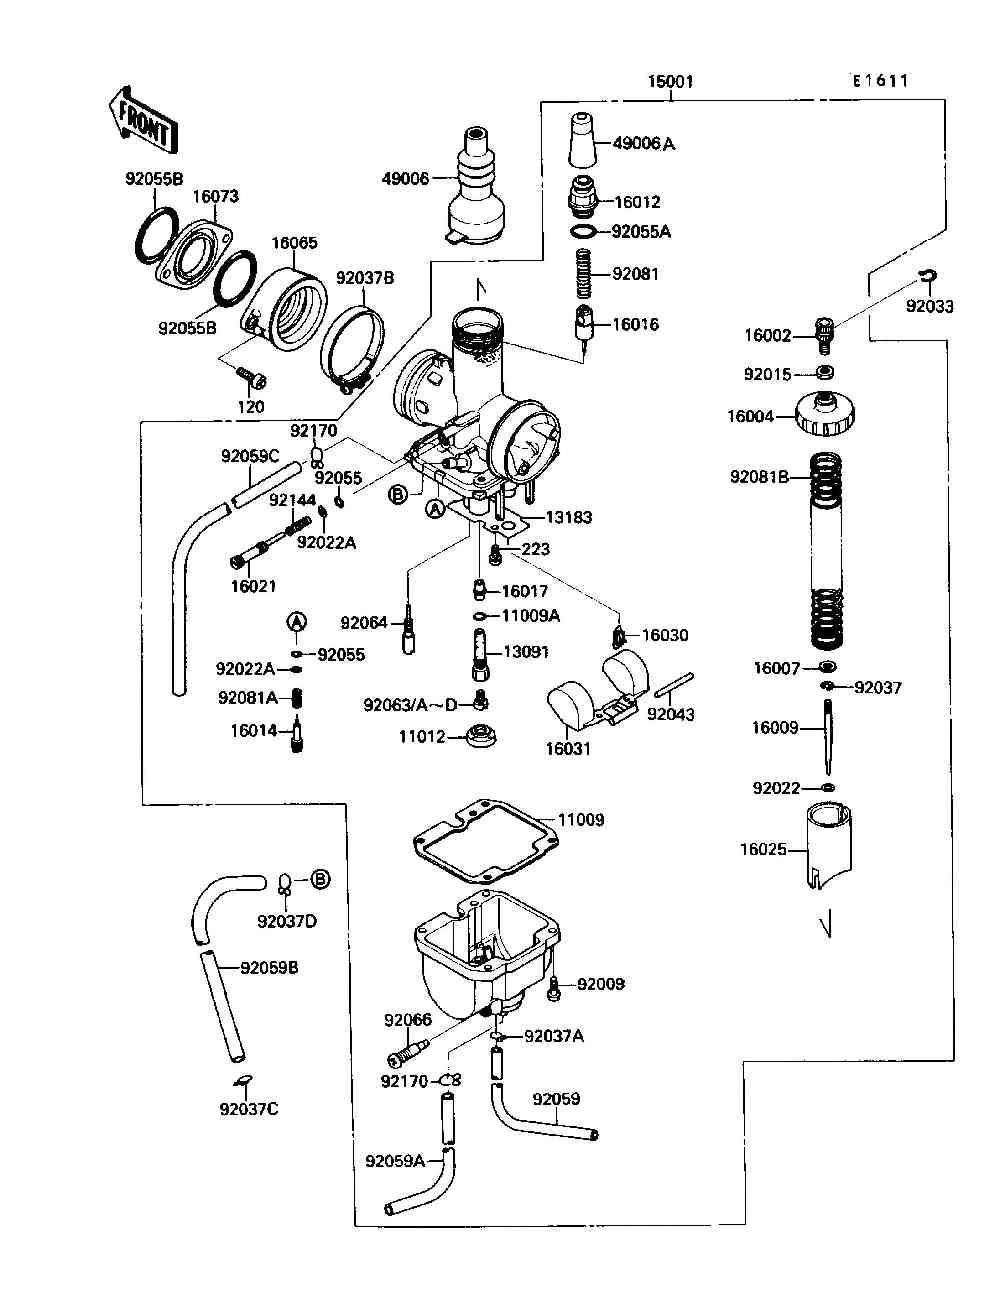 Diagram Kawasaki Bayou 220 Repair Manual Carburator Diagram Full Version Hd Quality Carburator Diagram Tickdiagram Potrosuaemfc Mx